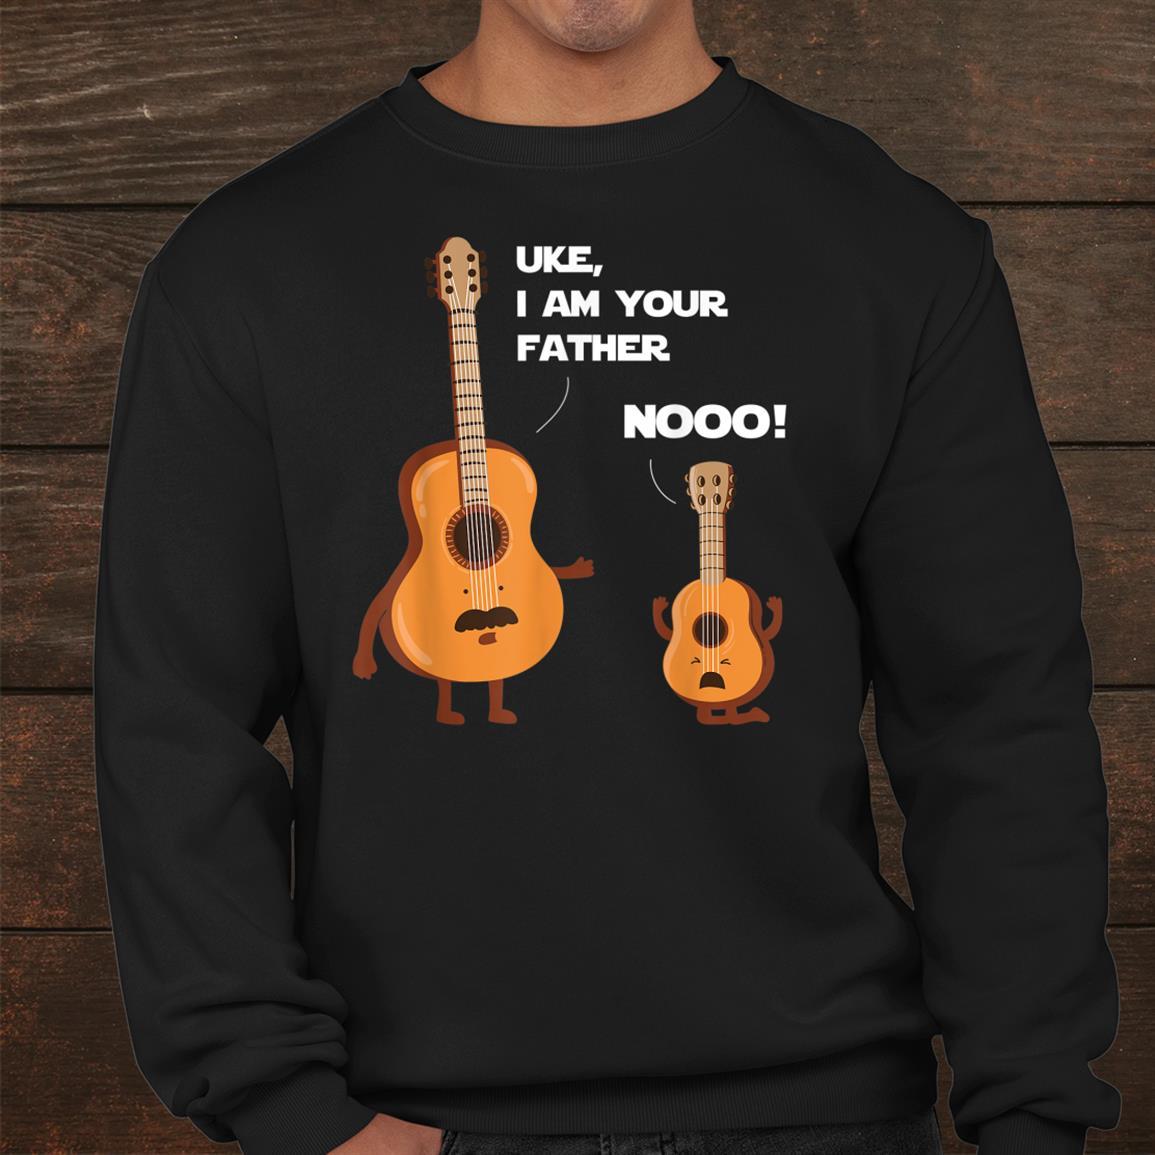 Uke I Am Your Father Funny Ukulele Guitar Music Guitaris Shirt